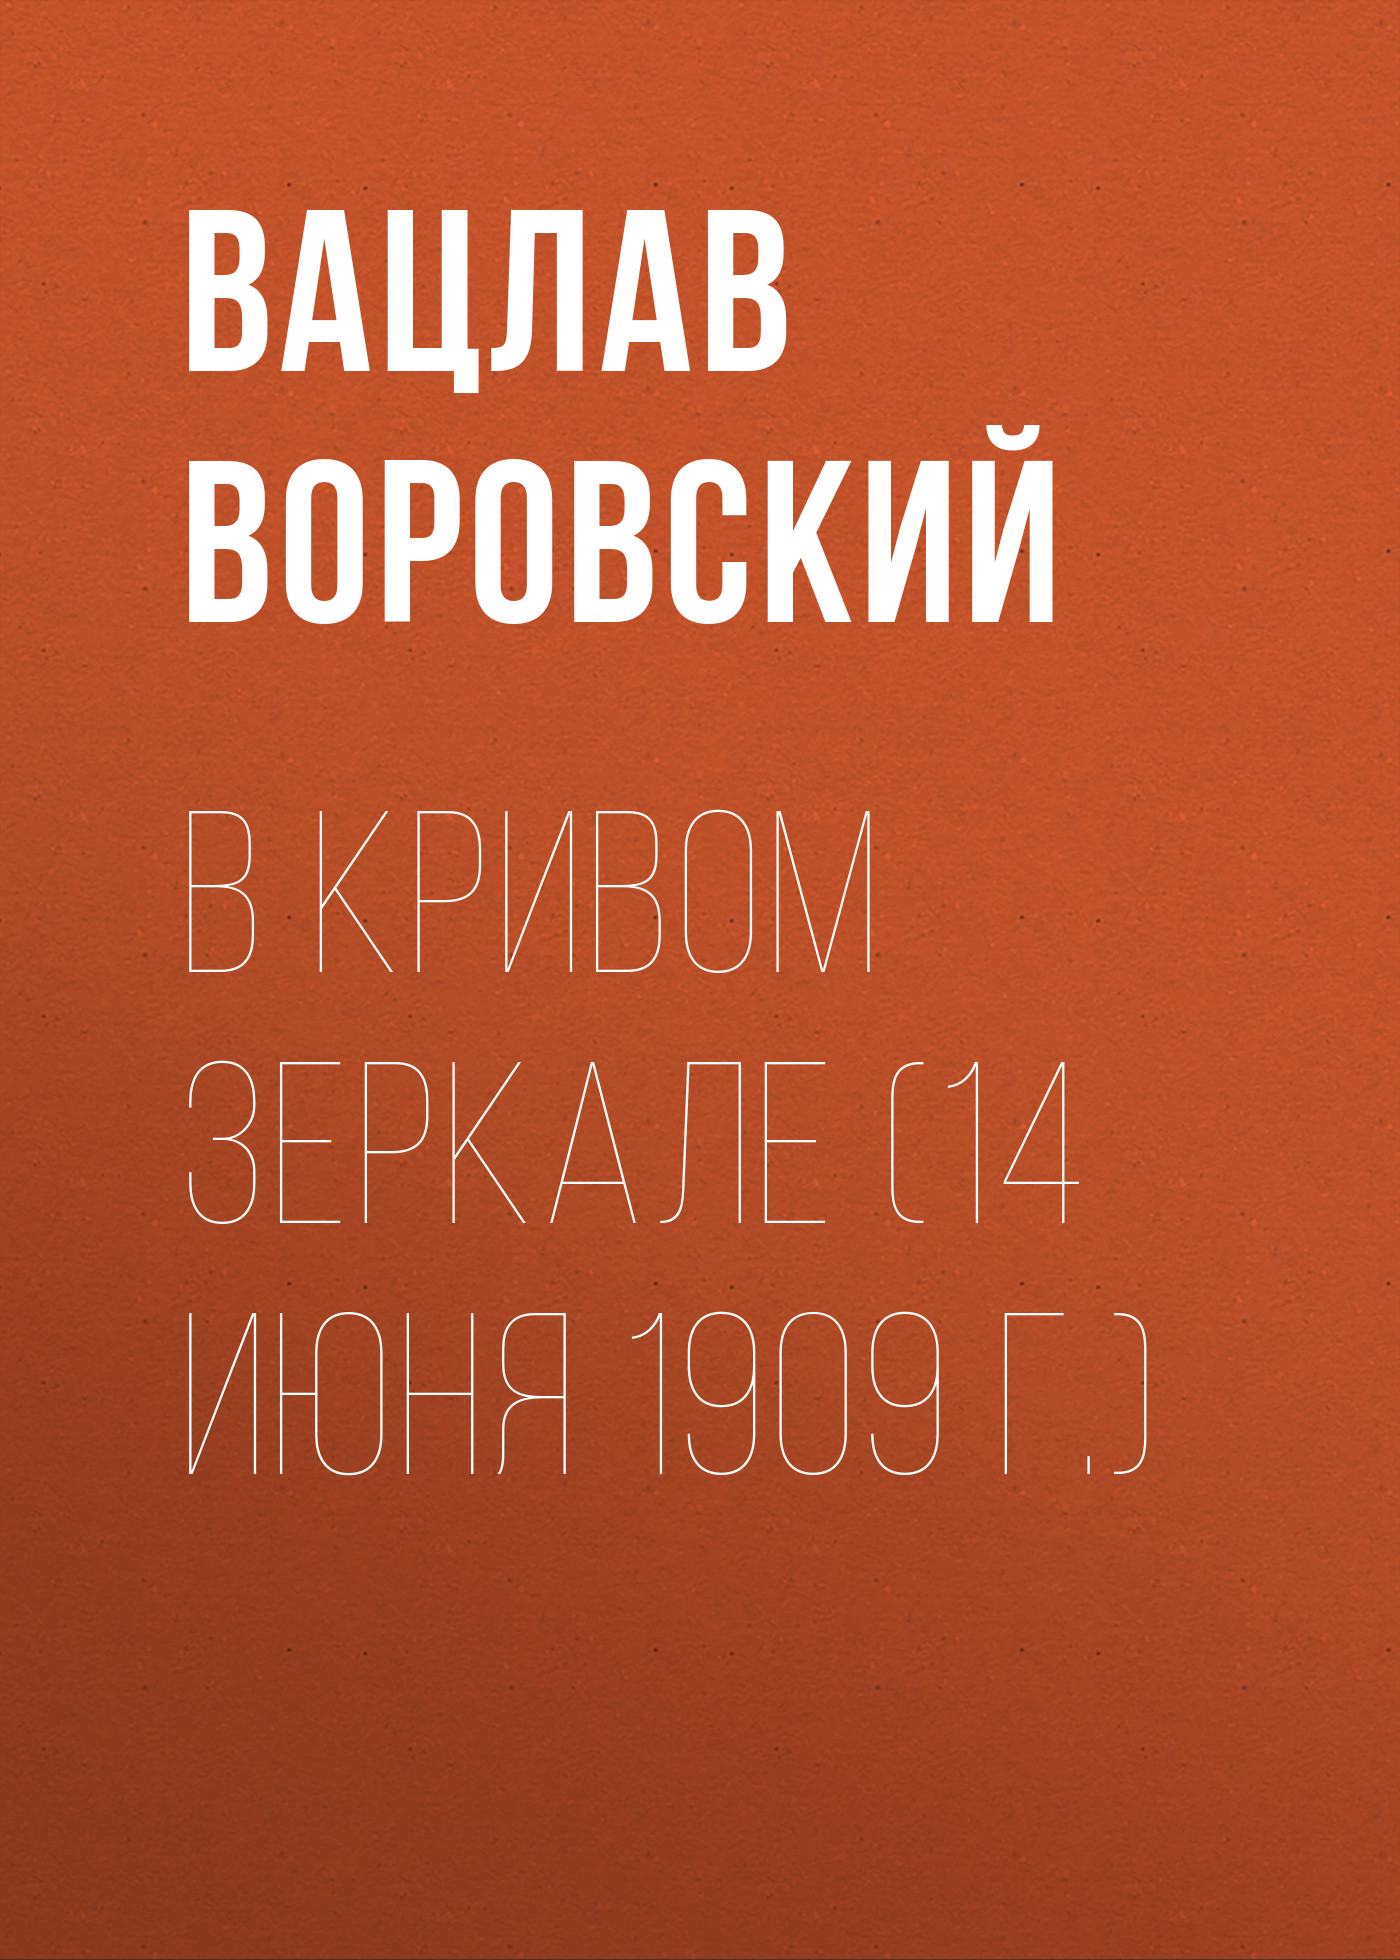 Вацлав Воровский В кривом зеркале (14 июня 1909 г.) вацлав воровский на лысой горе